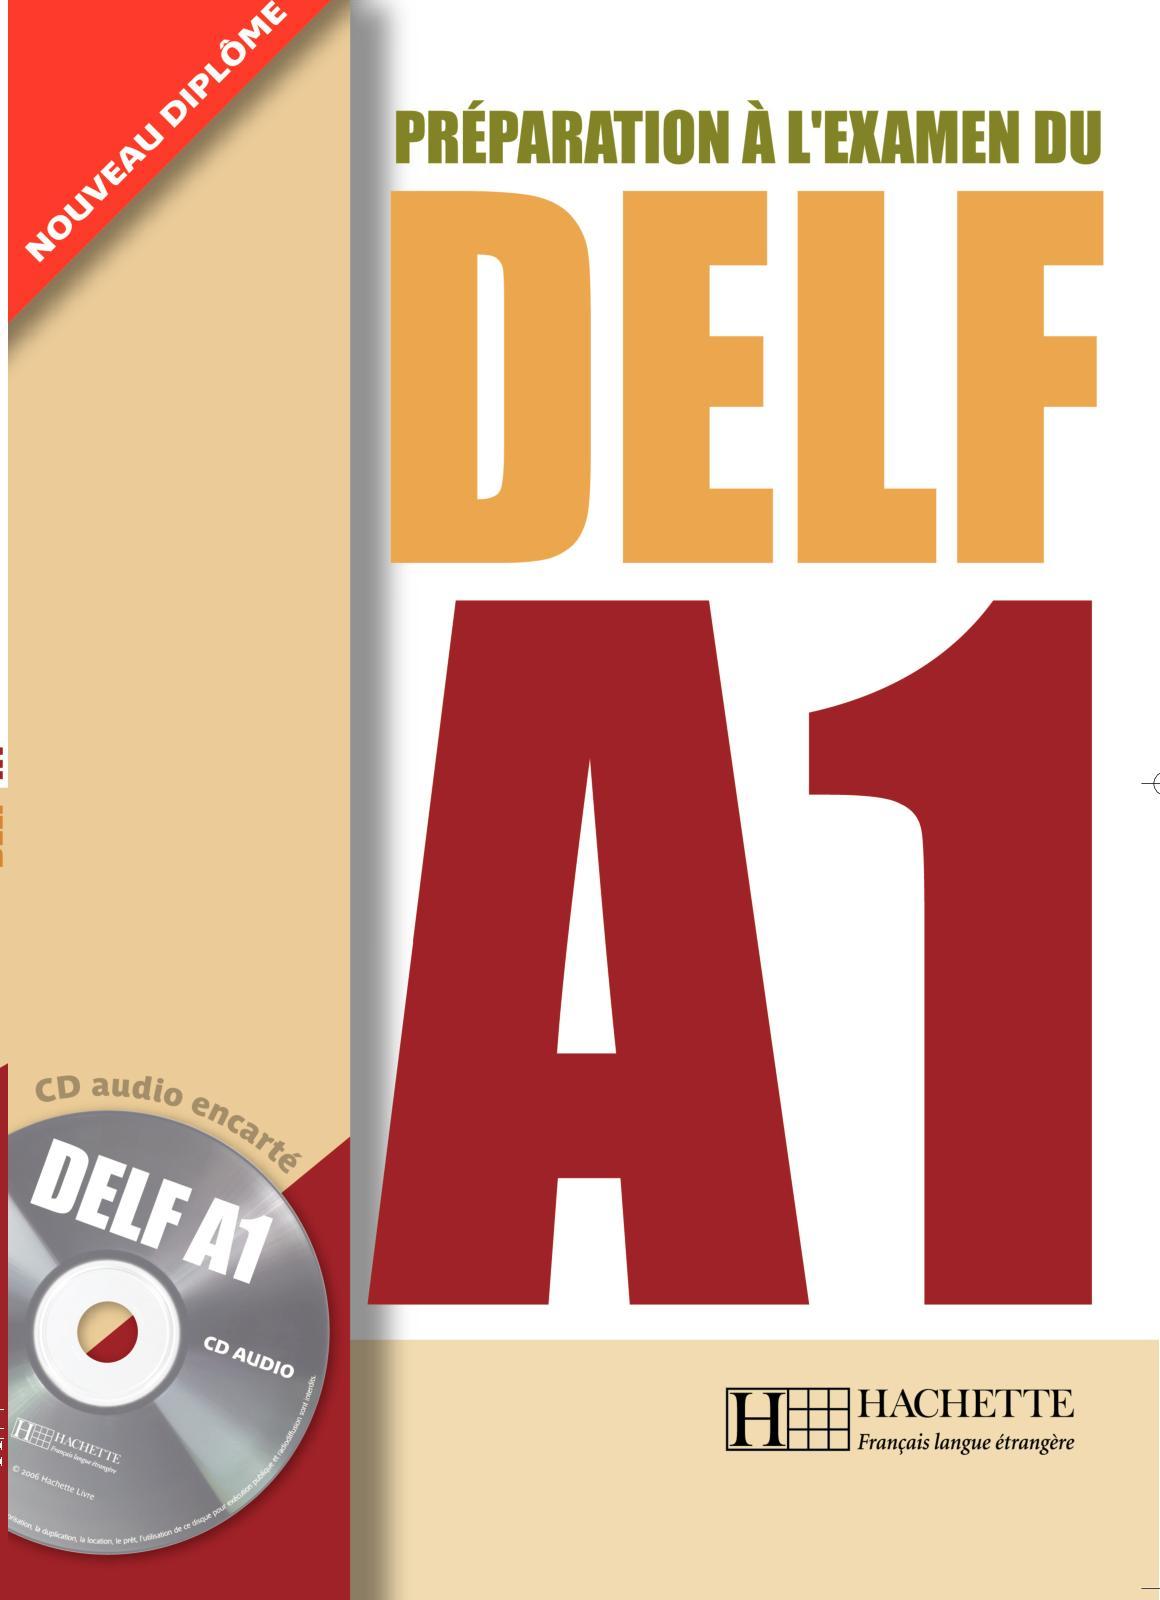 Calaméo - Extrait Delf A1